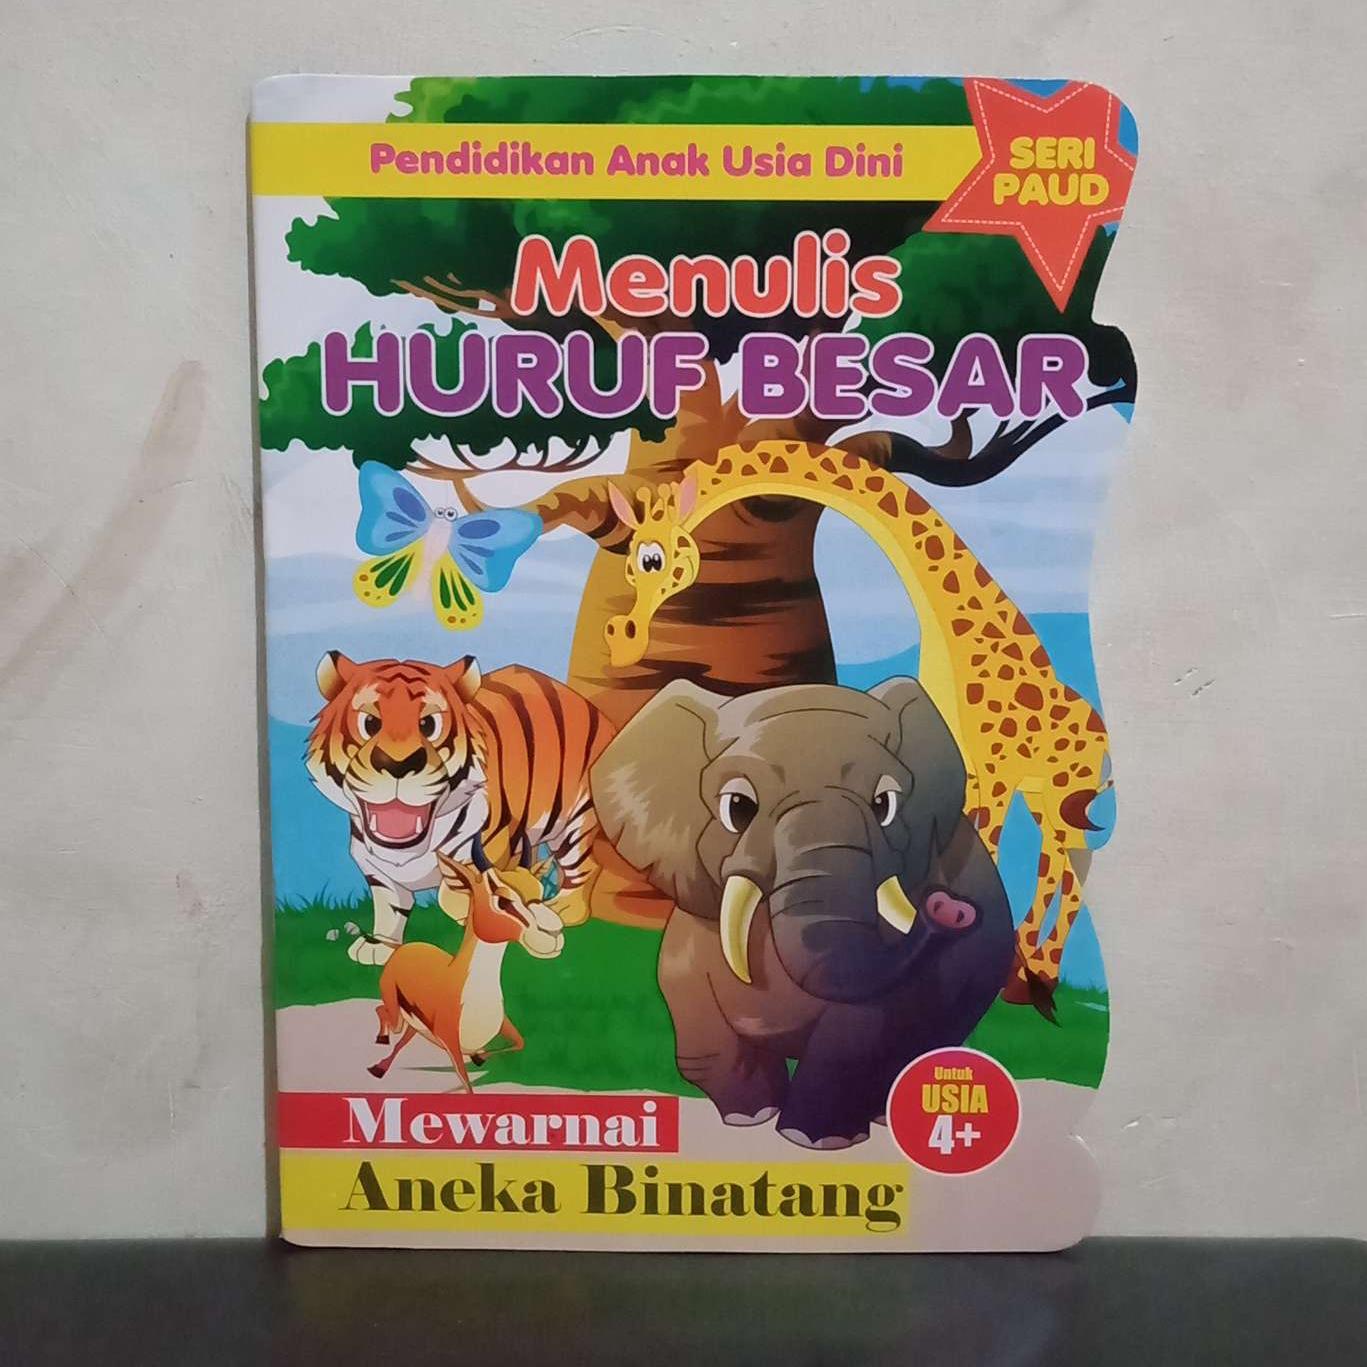 Buku Seri Paud Menulis Huruf Besar Dilengkapi Mewarnai Aneka Binatang